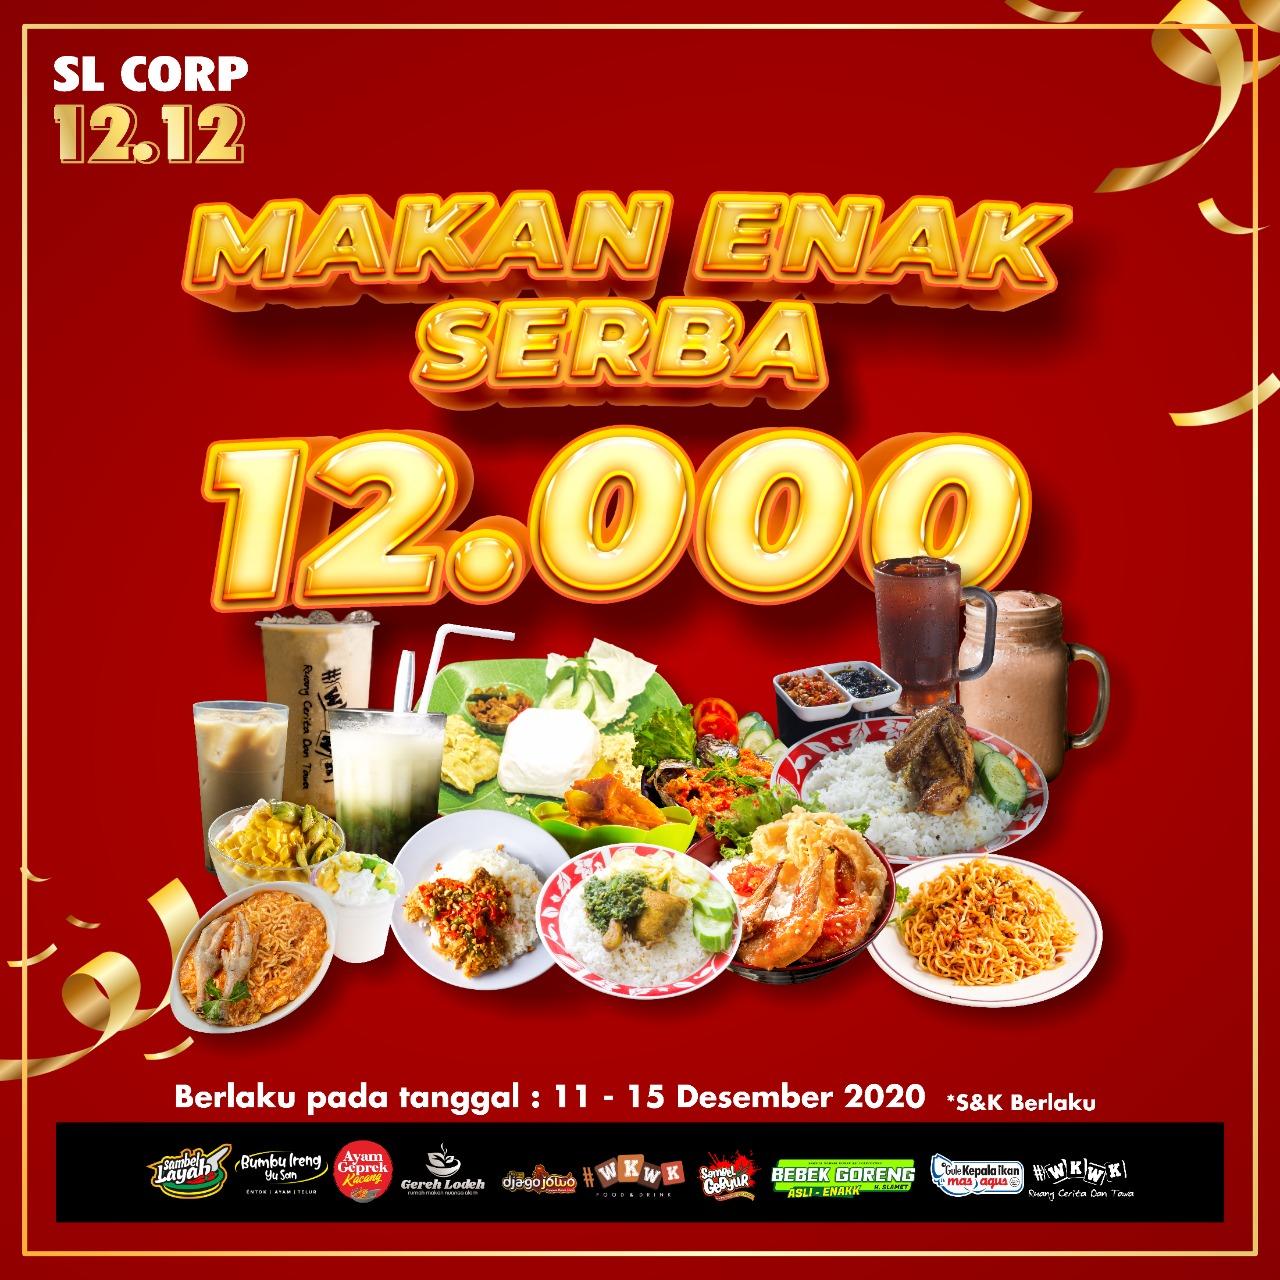 makan enak serba 12.000